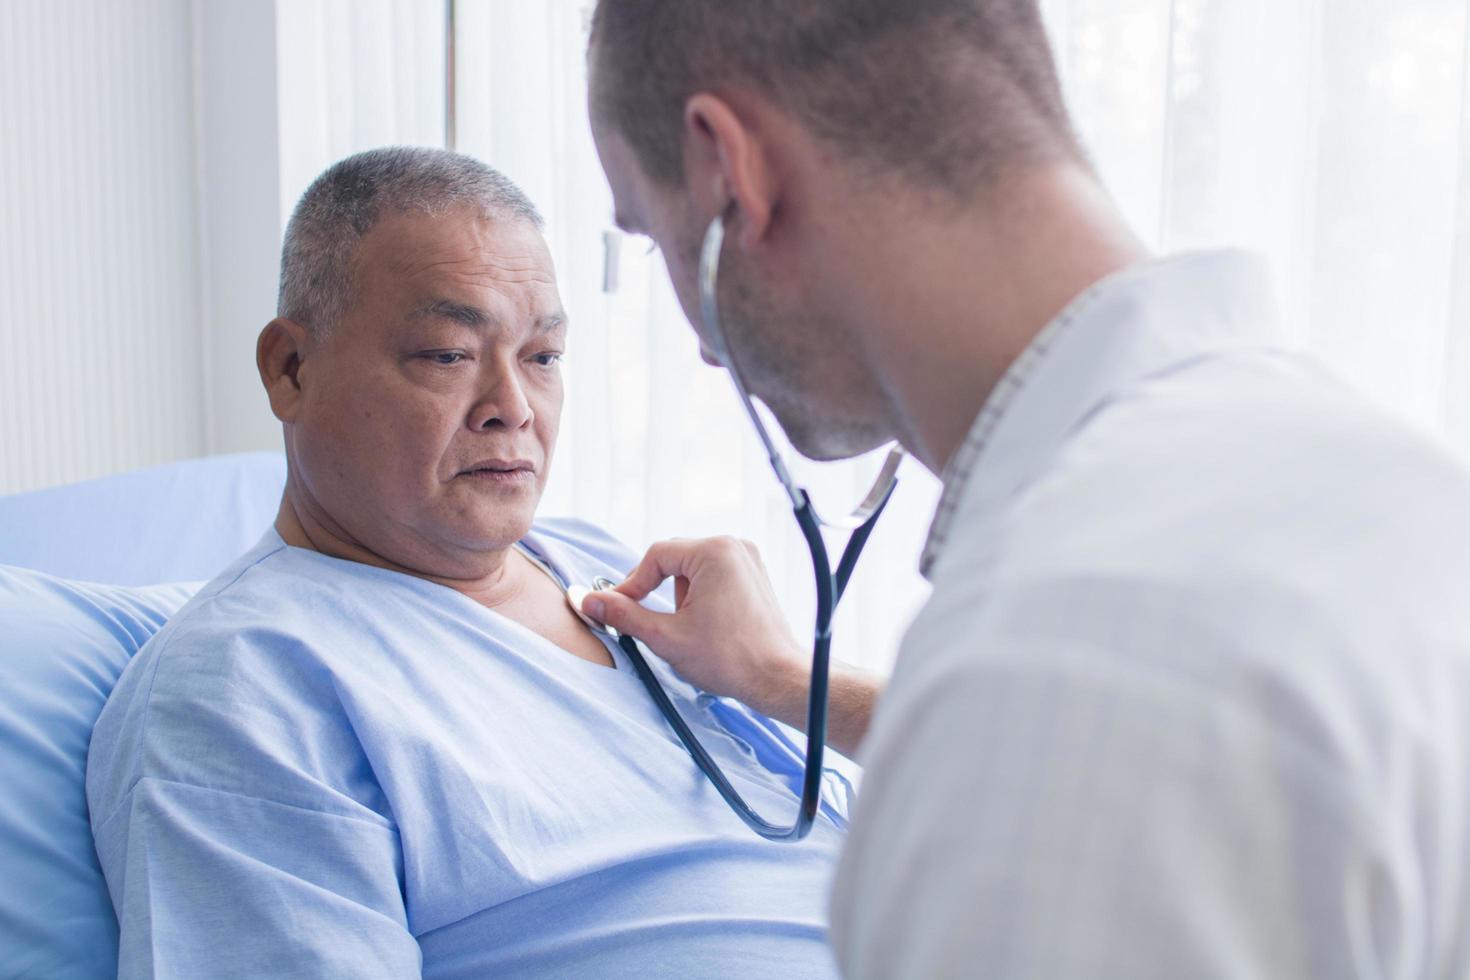 medico utilizzando uno stetoscopio per ascoltare il cuore del paziente foto